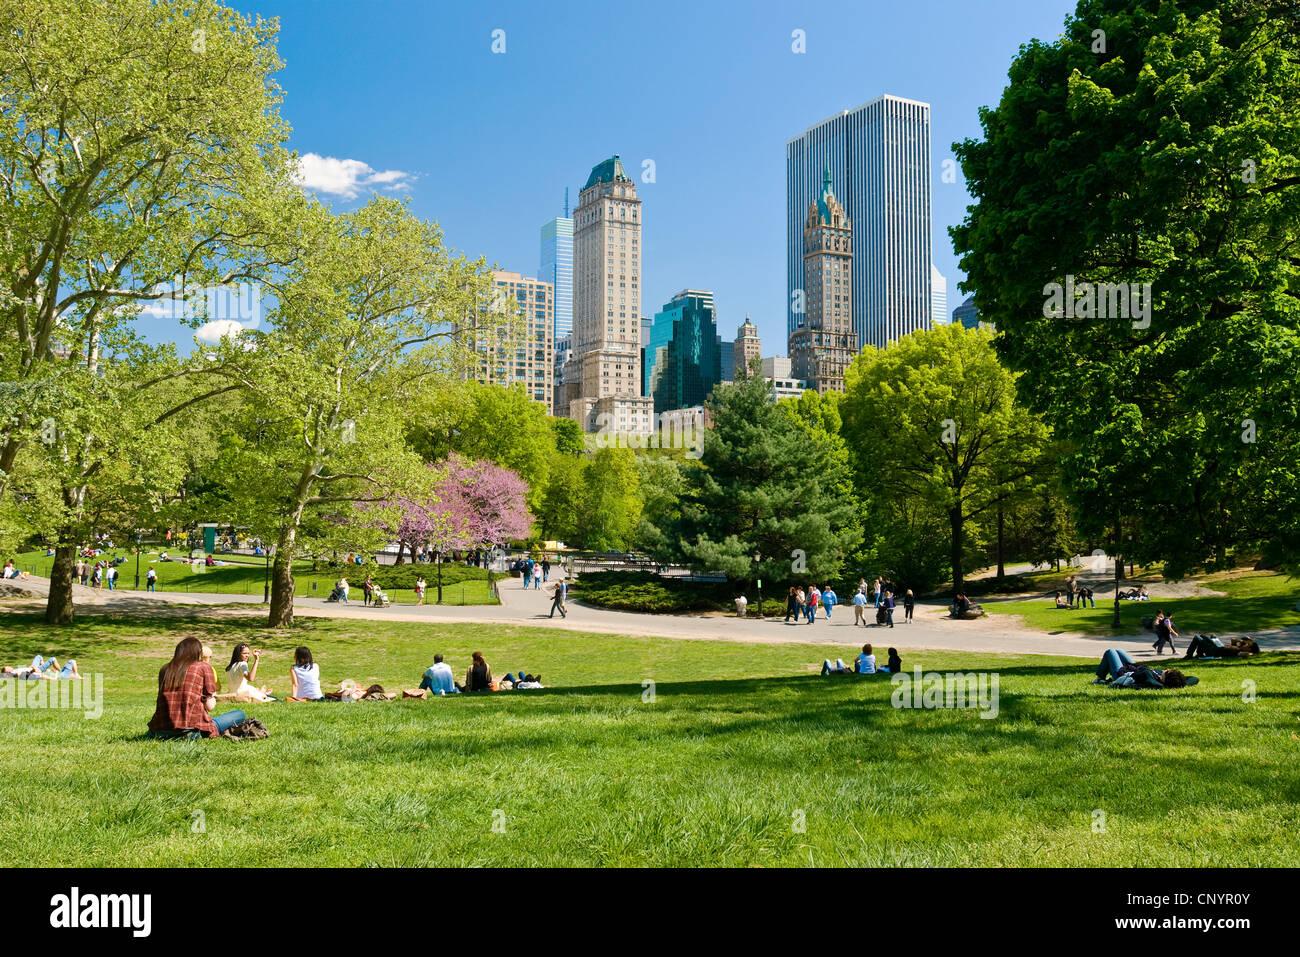 La gente descansando en Central Park, la ciudad de Nueva York en la primavera. Imagen De Stock